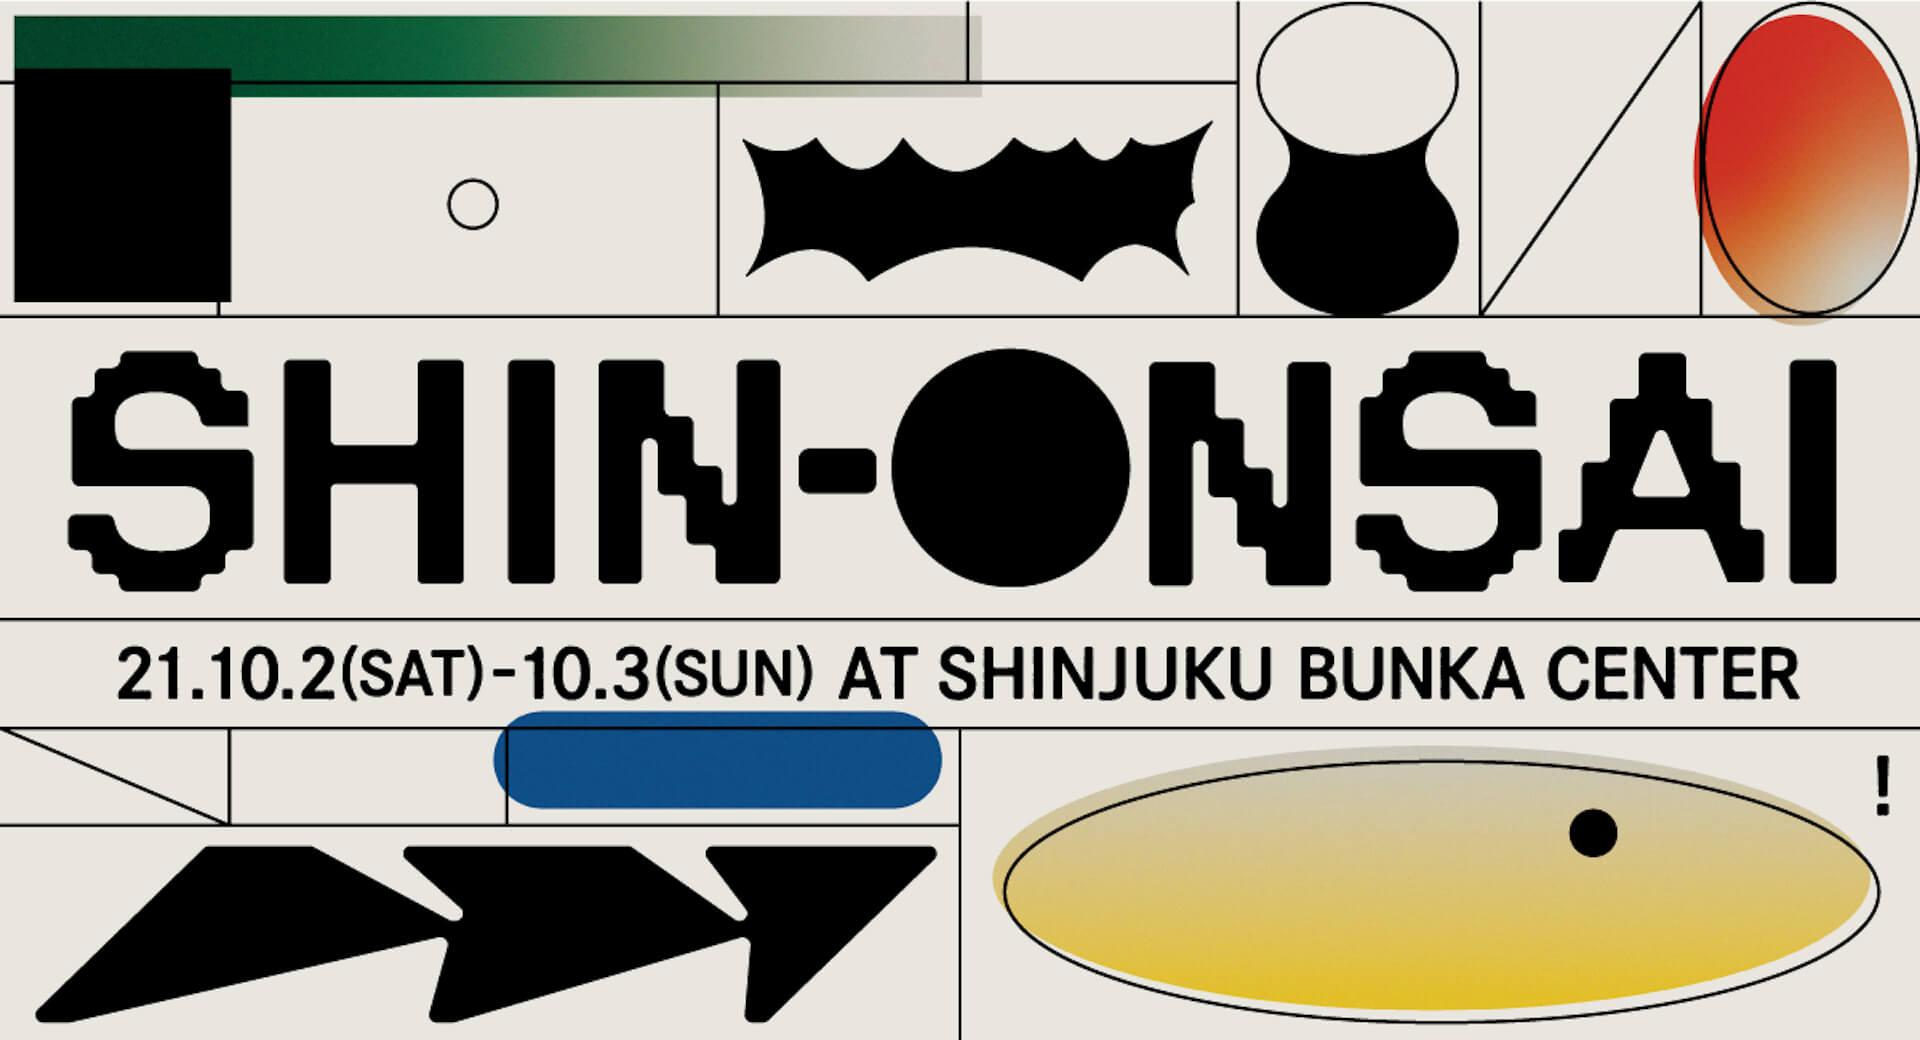 カネコアヤノ、KID FRESINO、FNCY、サニーデイ・サービス、鋭児らが出演する<SHIN-ONSAI>の日割りが発表! music210721_shinonsai_1